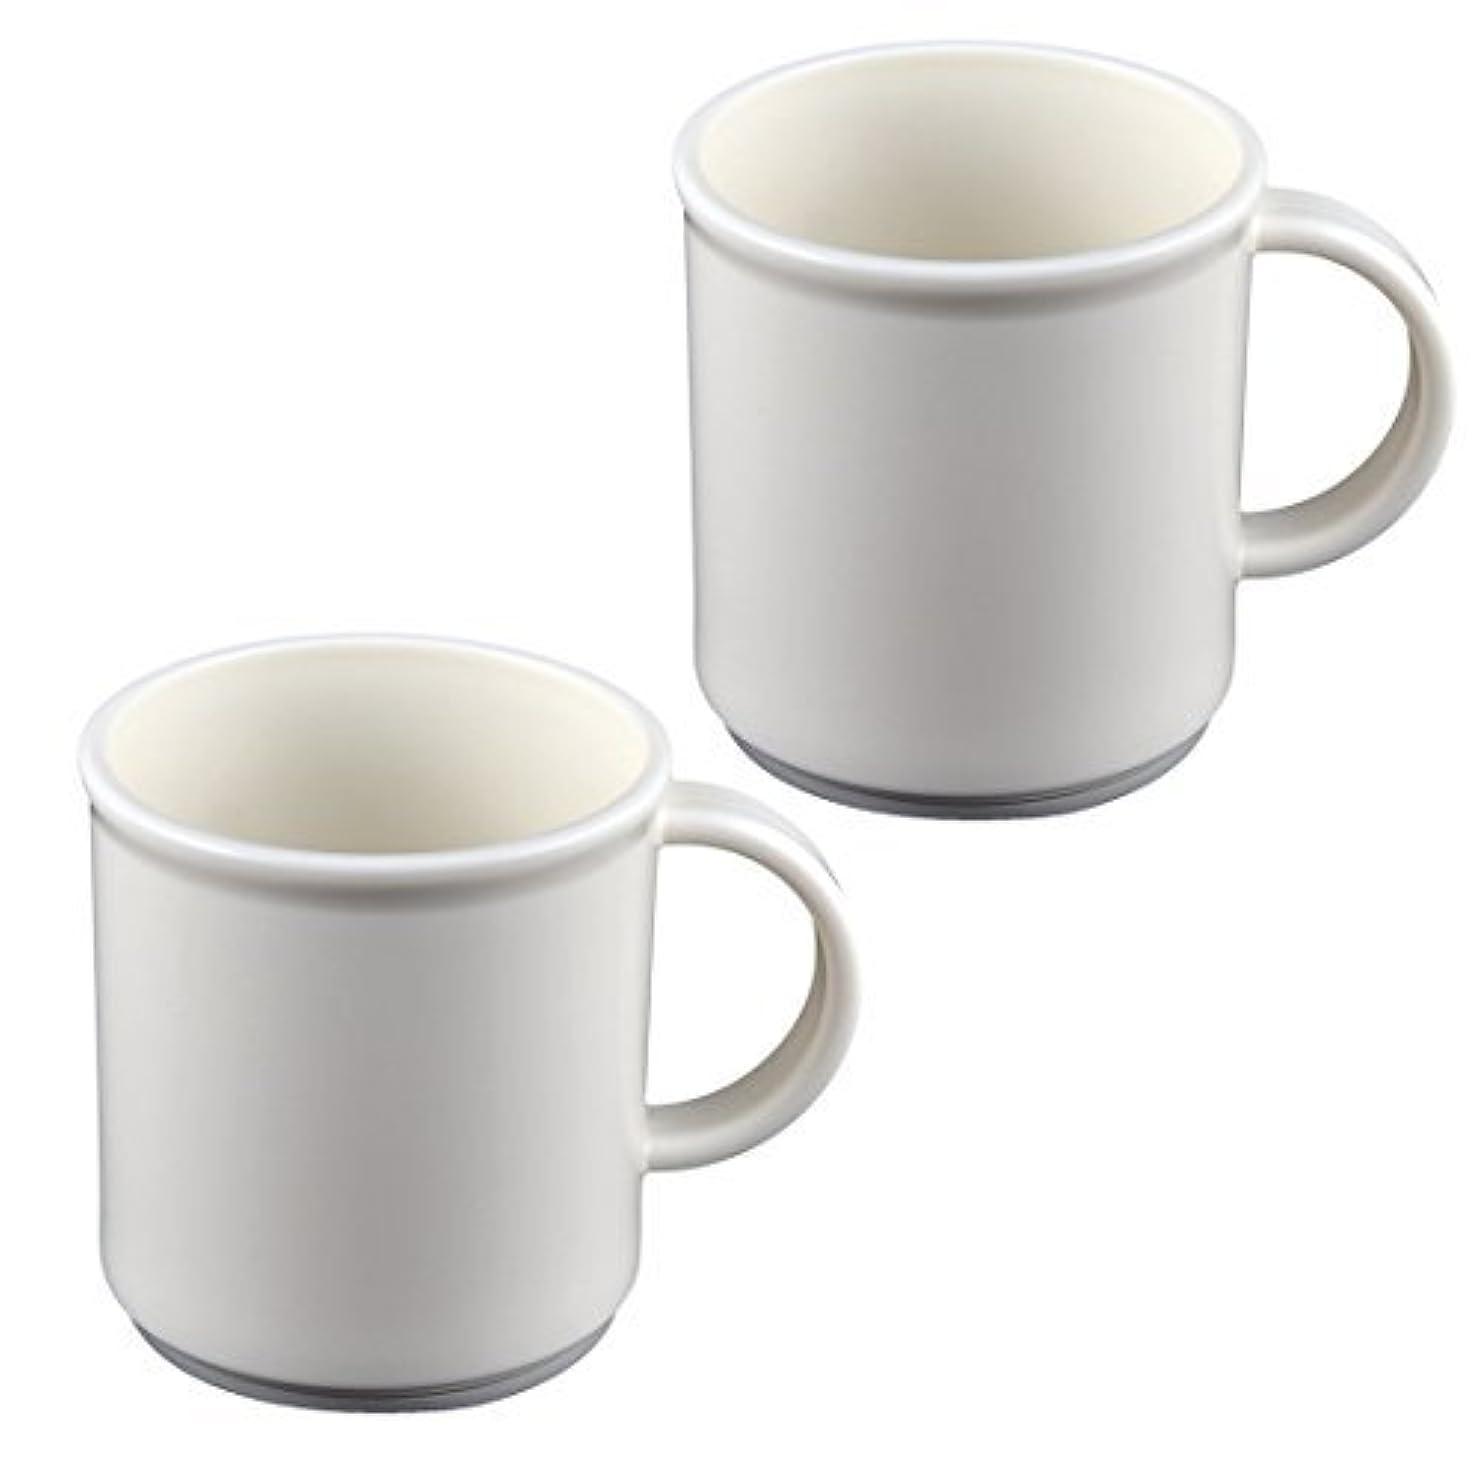 不良品ヒット形状DealMuxバスアクセサリーブラシカップ歯ブラシ歯磨き粉ホルダー2個ホワイト